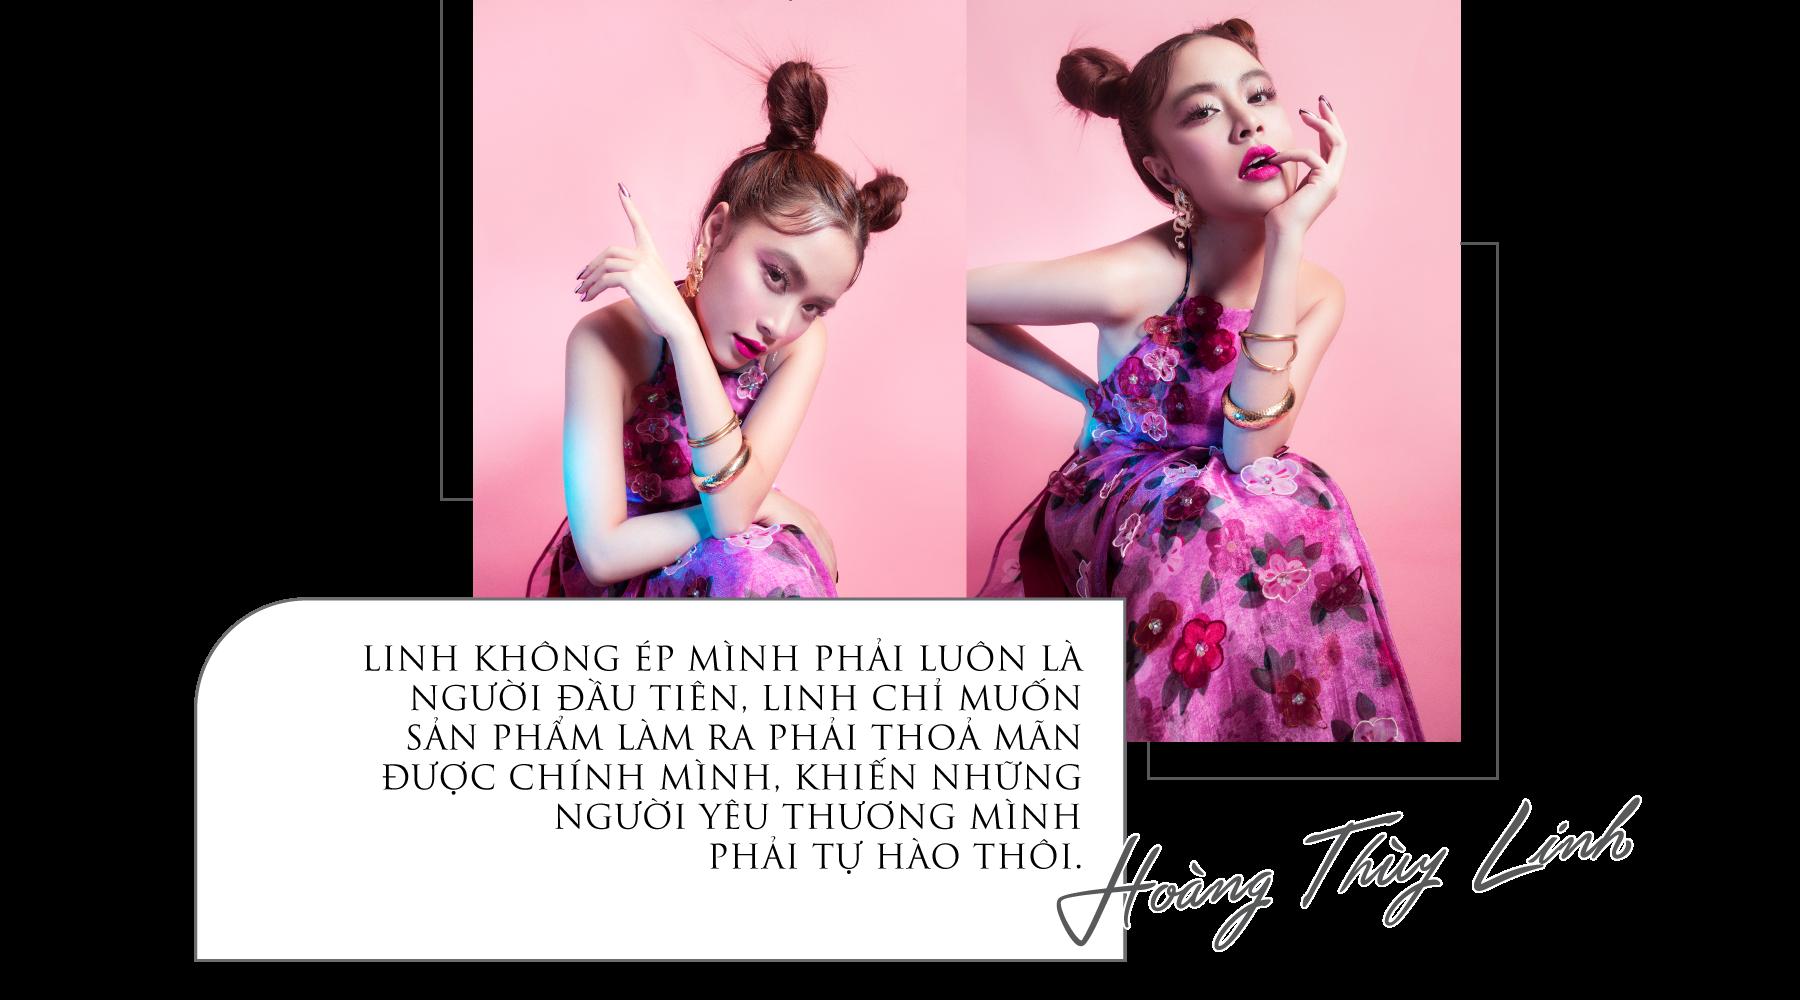 [eMagazine] Ca sĩ Hoàng Thùy Linh: Cứ dụng công thôi, không nghĩ nhiều - Ảnh 3.